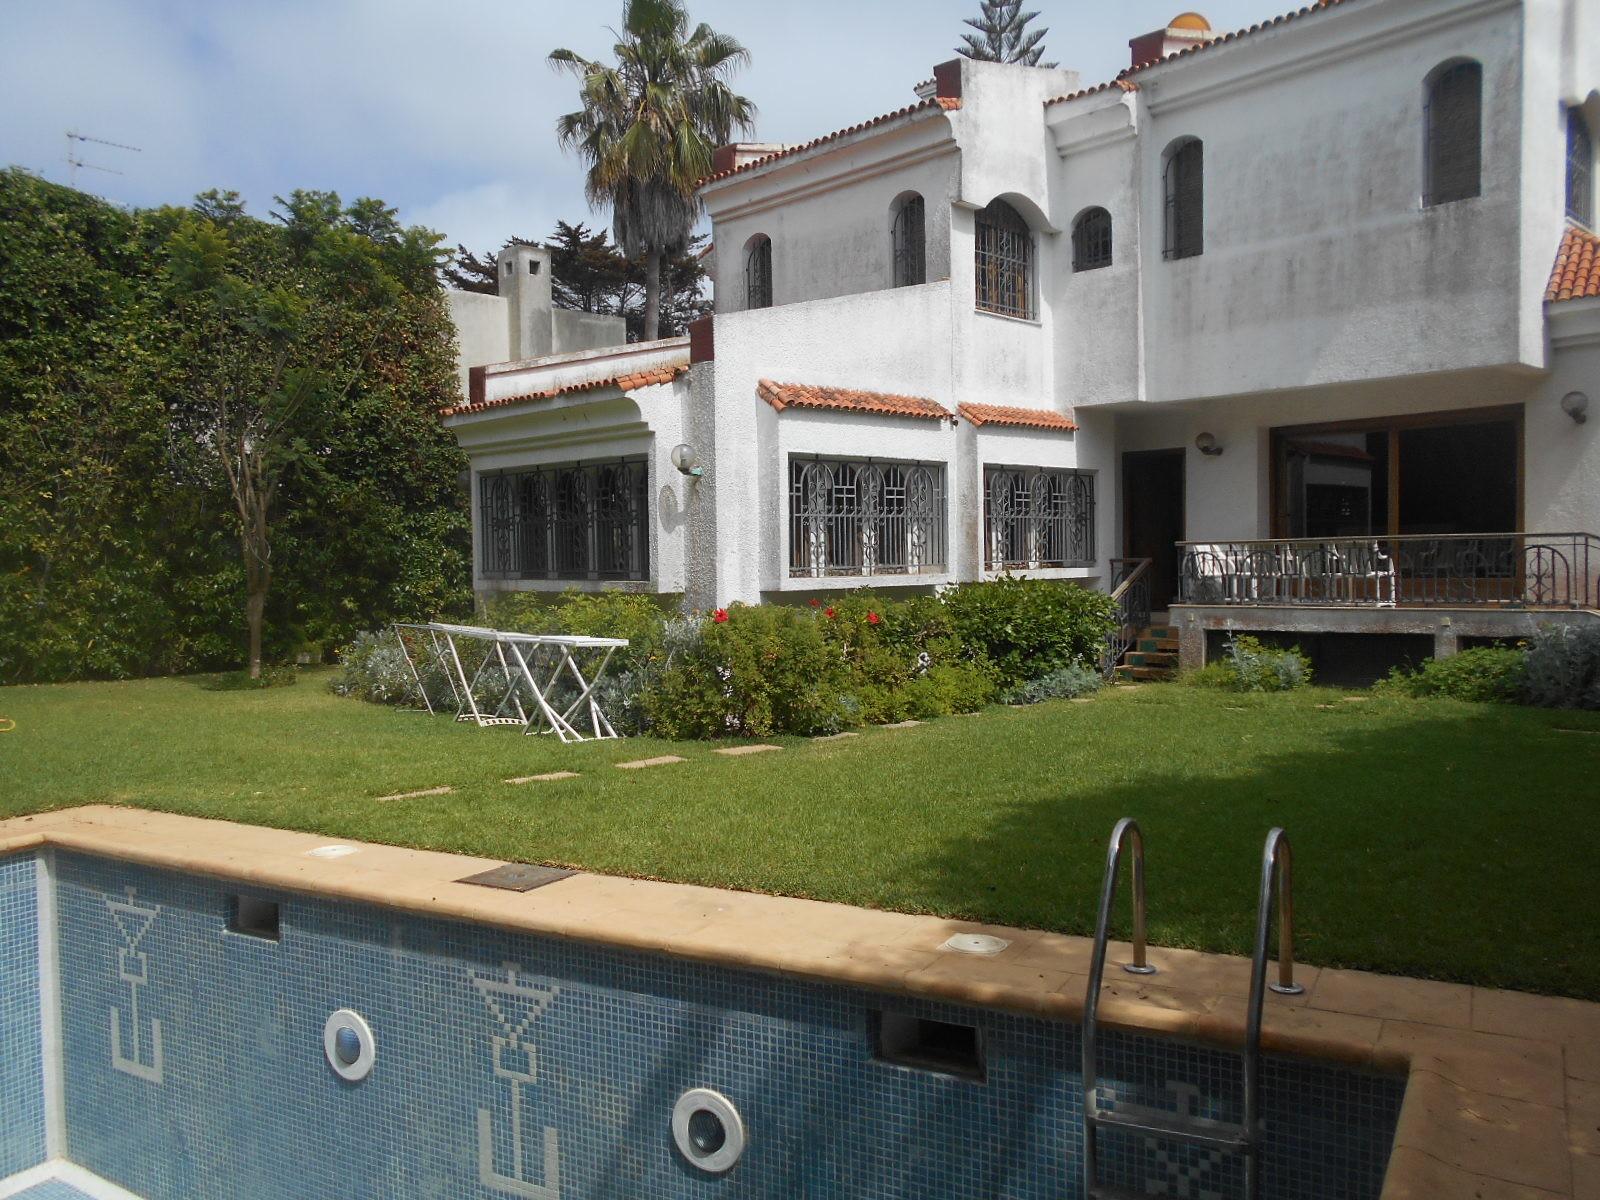 Vente <strong>Villa</strong> Casablanca Val d'Anfa <strong>908 m2</strong>